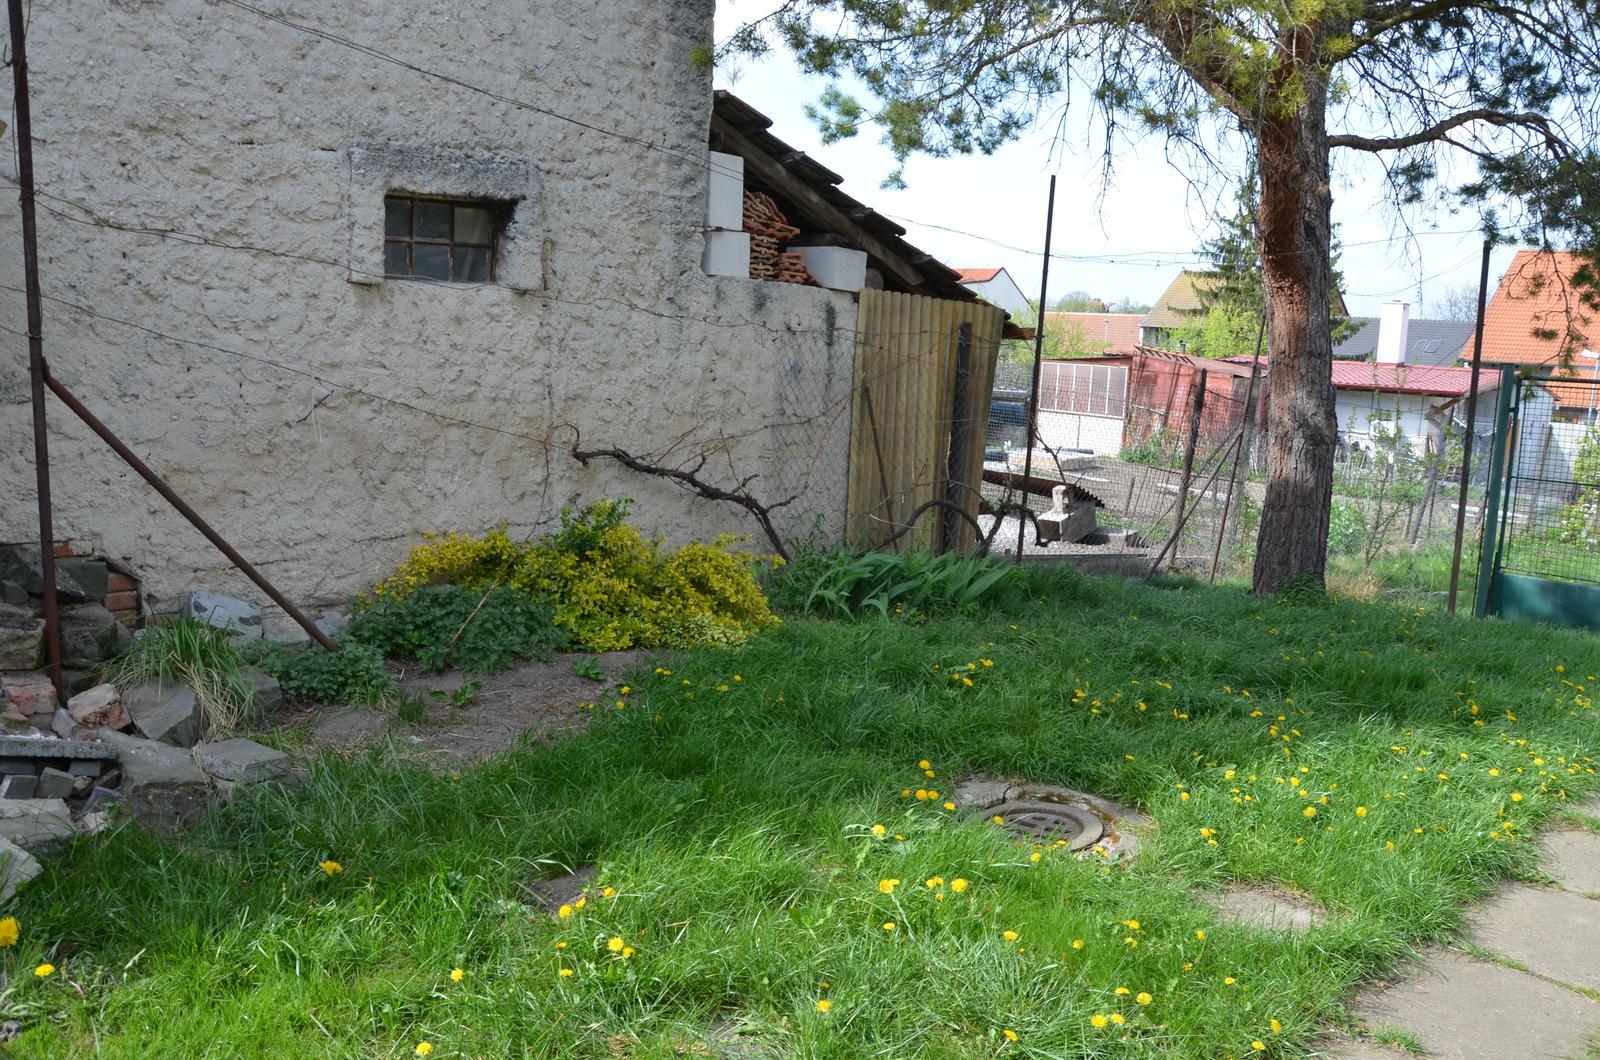 Vysněná zahrada... - prostor za výminkem, nalevo od sklepa, vinná réva, chryzantémy, cosi okrasného (?), nějaké jarní cibuloviny (ano, celý život jsem strávila v paneláku v Brně :-D ) a kousek bezu